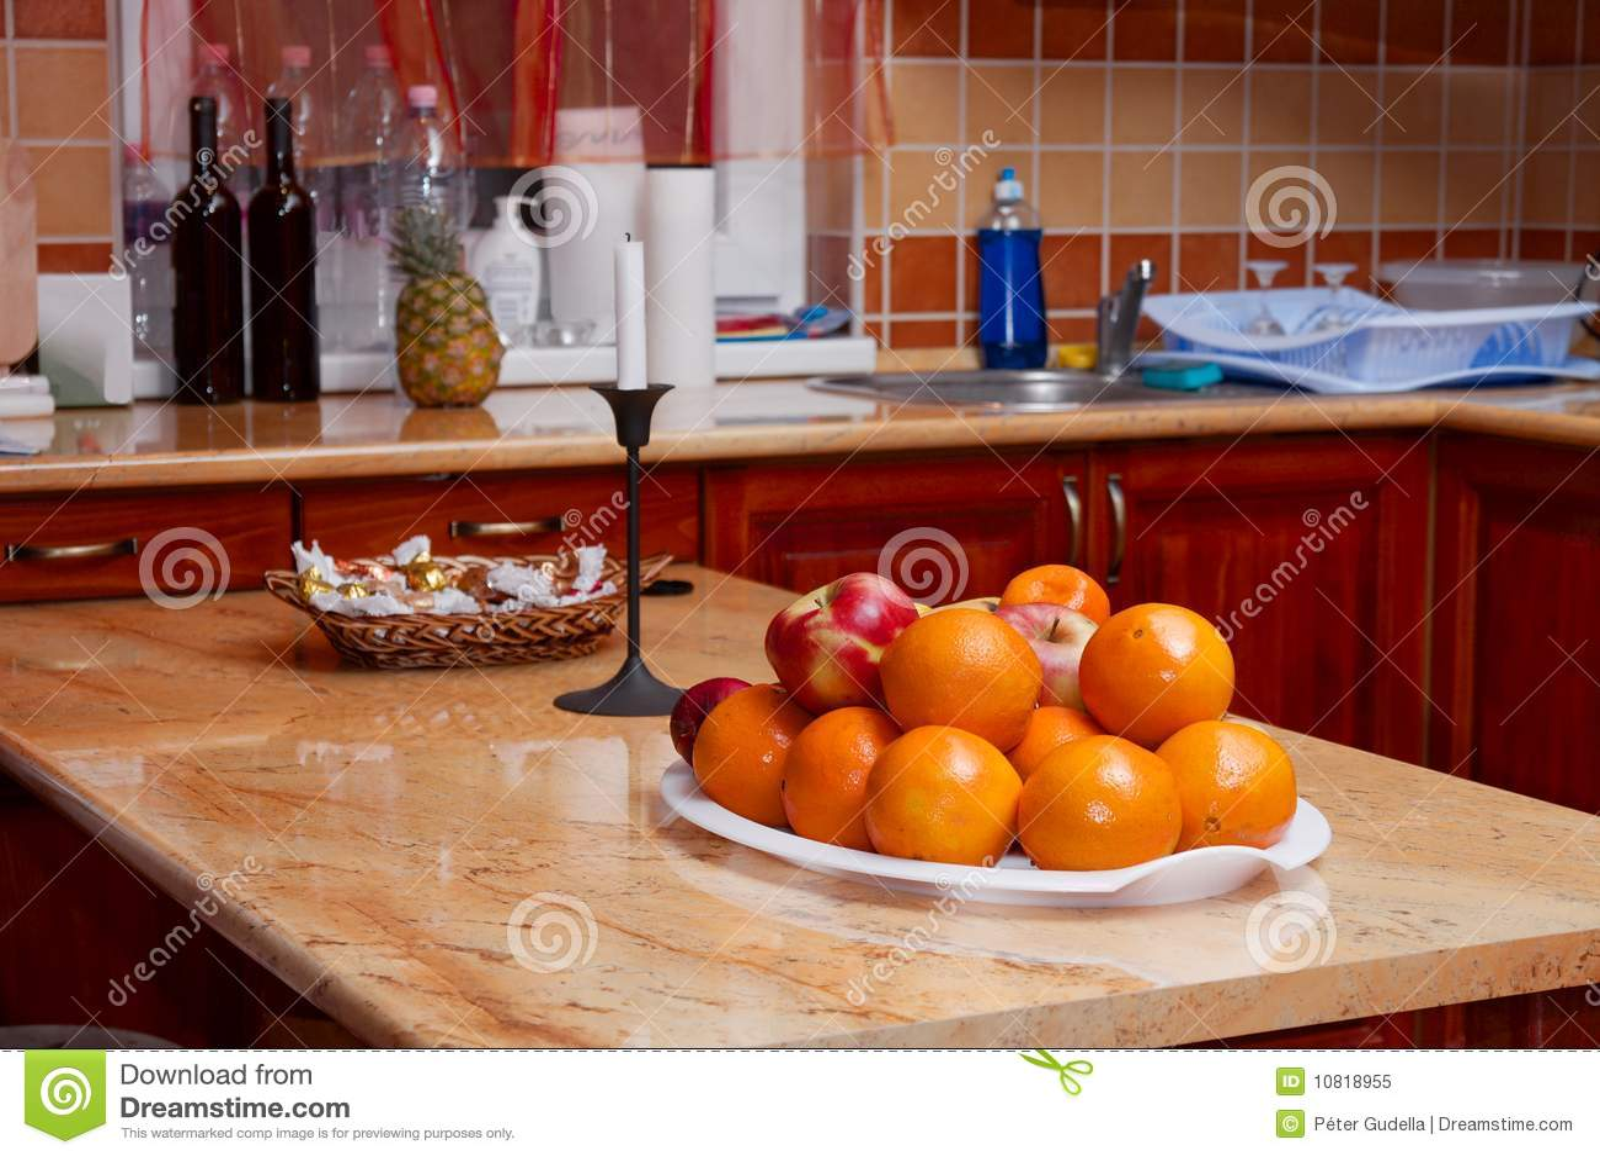 Keuken royalty vrije stock foto afbeelding 10818955 - Keuken uitgerust m ...